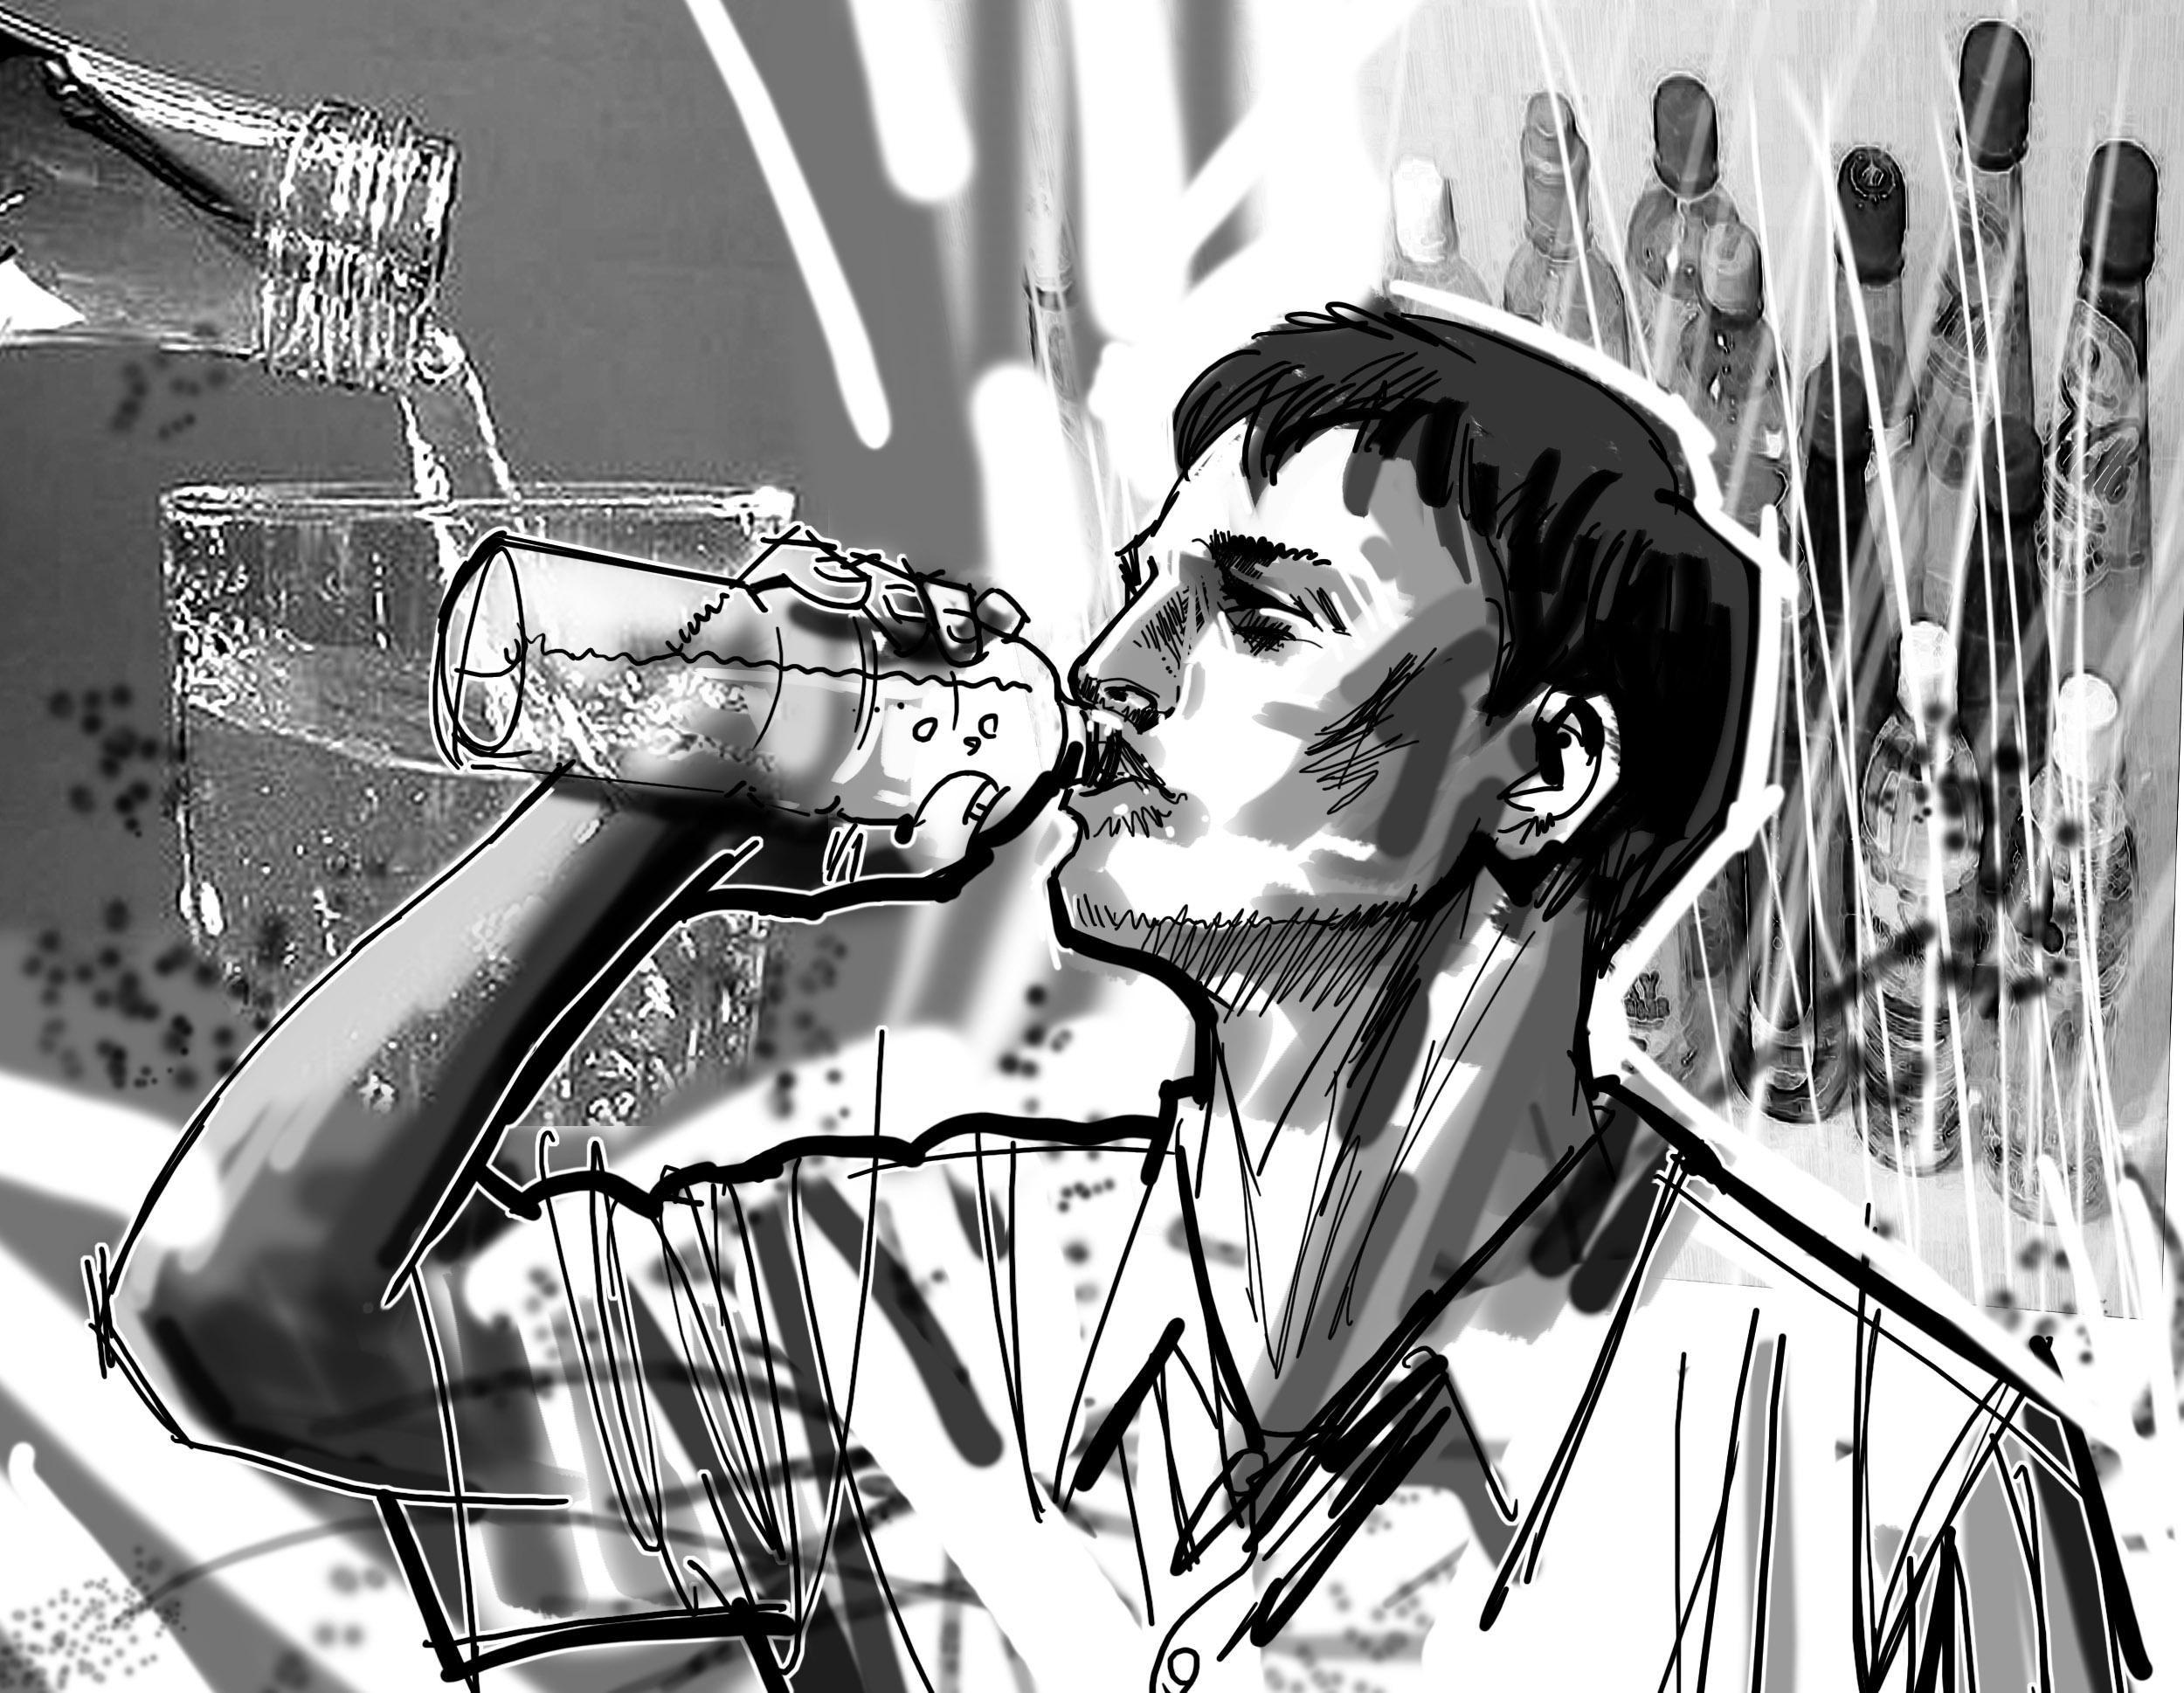 水分の過剰摂取